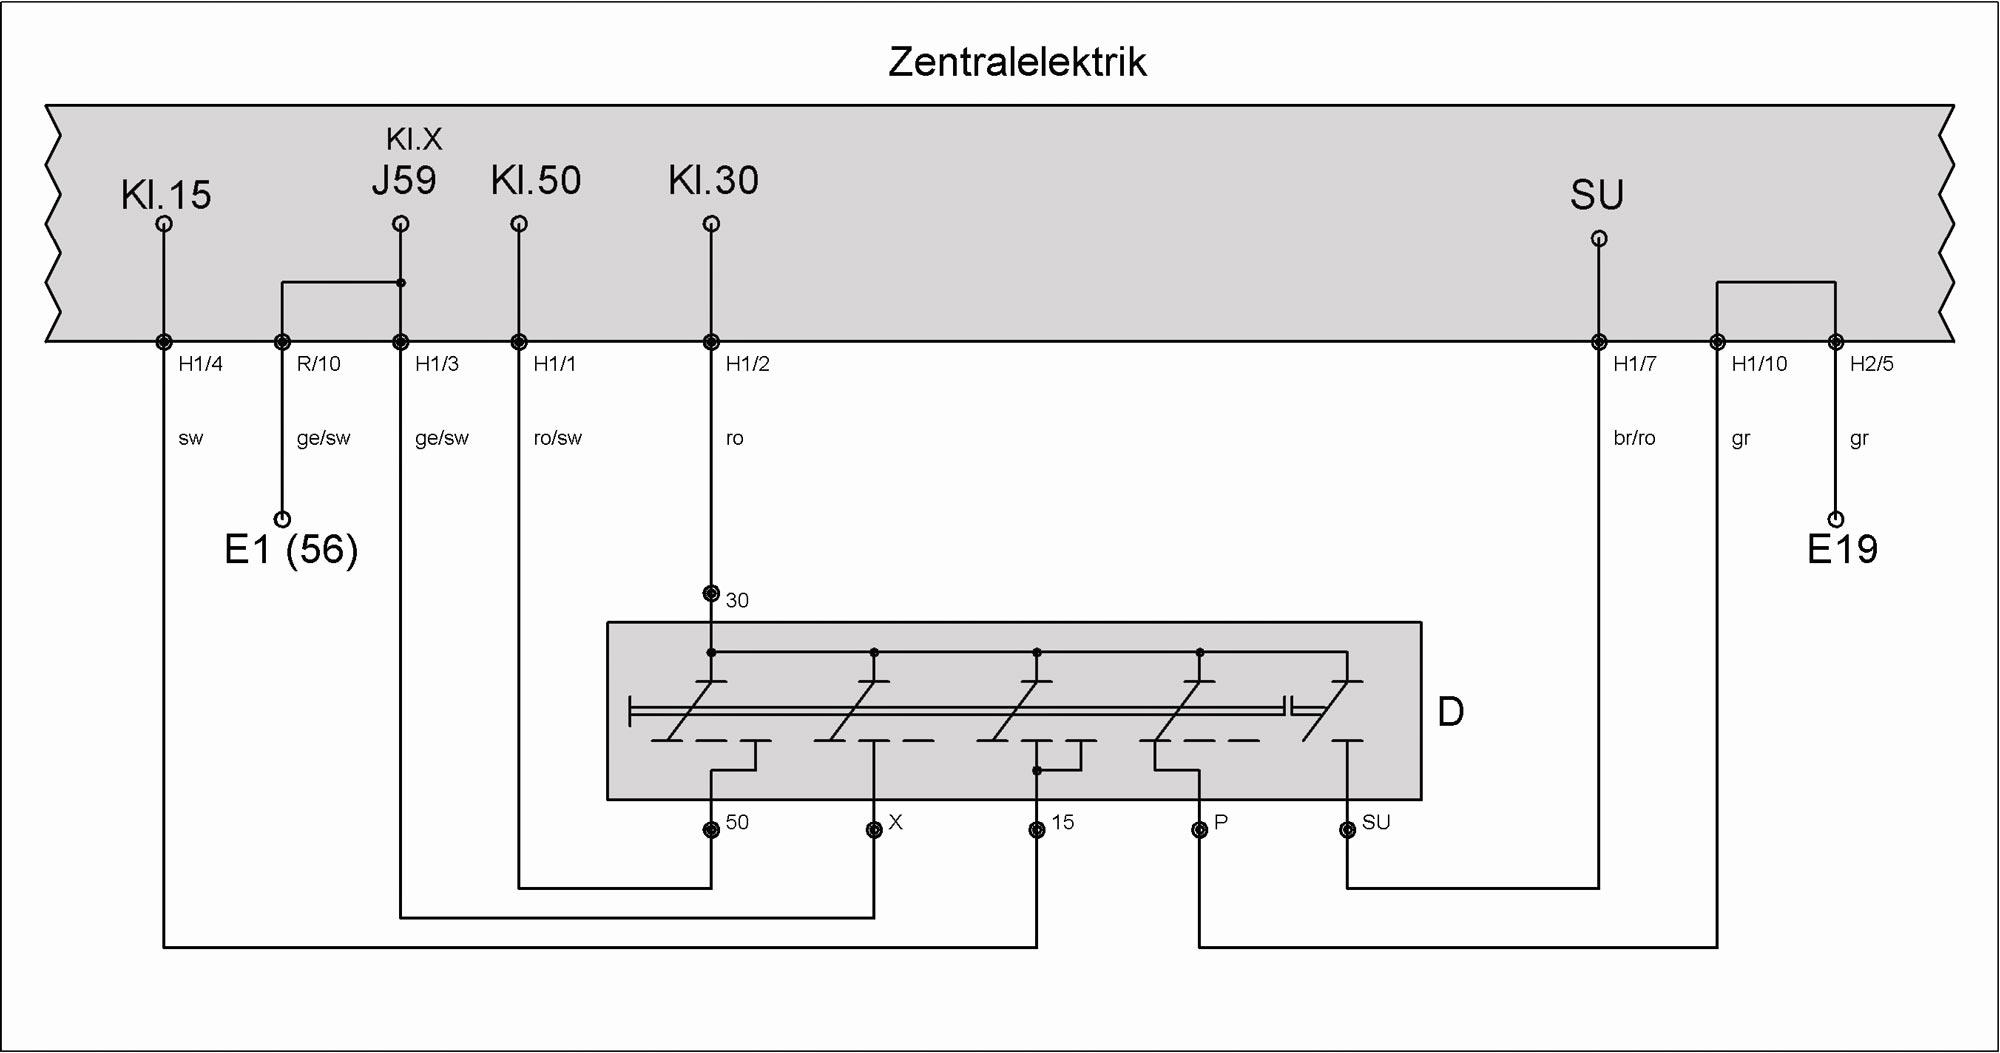 Wunderbar Schaltplan Für 3 Lichtschalter Bilder - Der Schaltplan ...